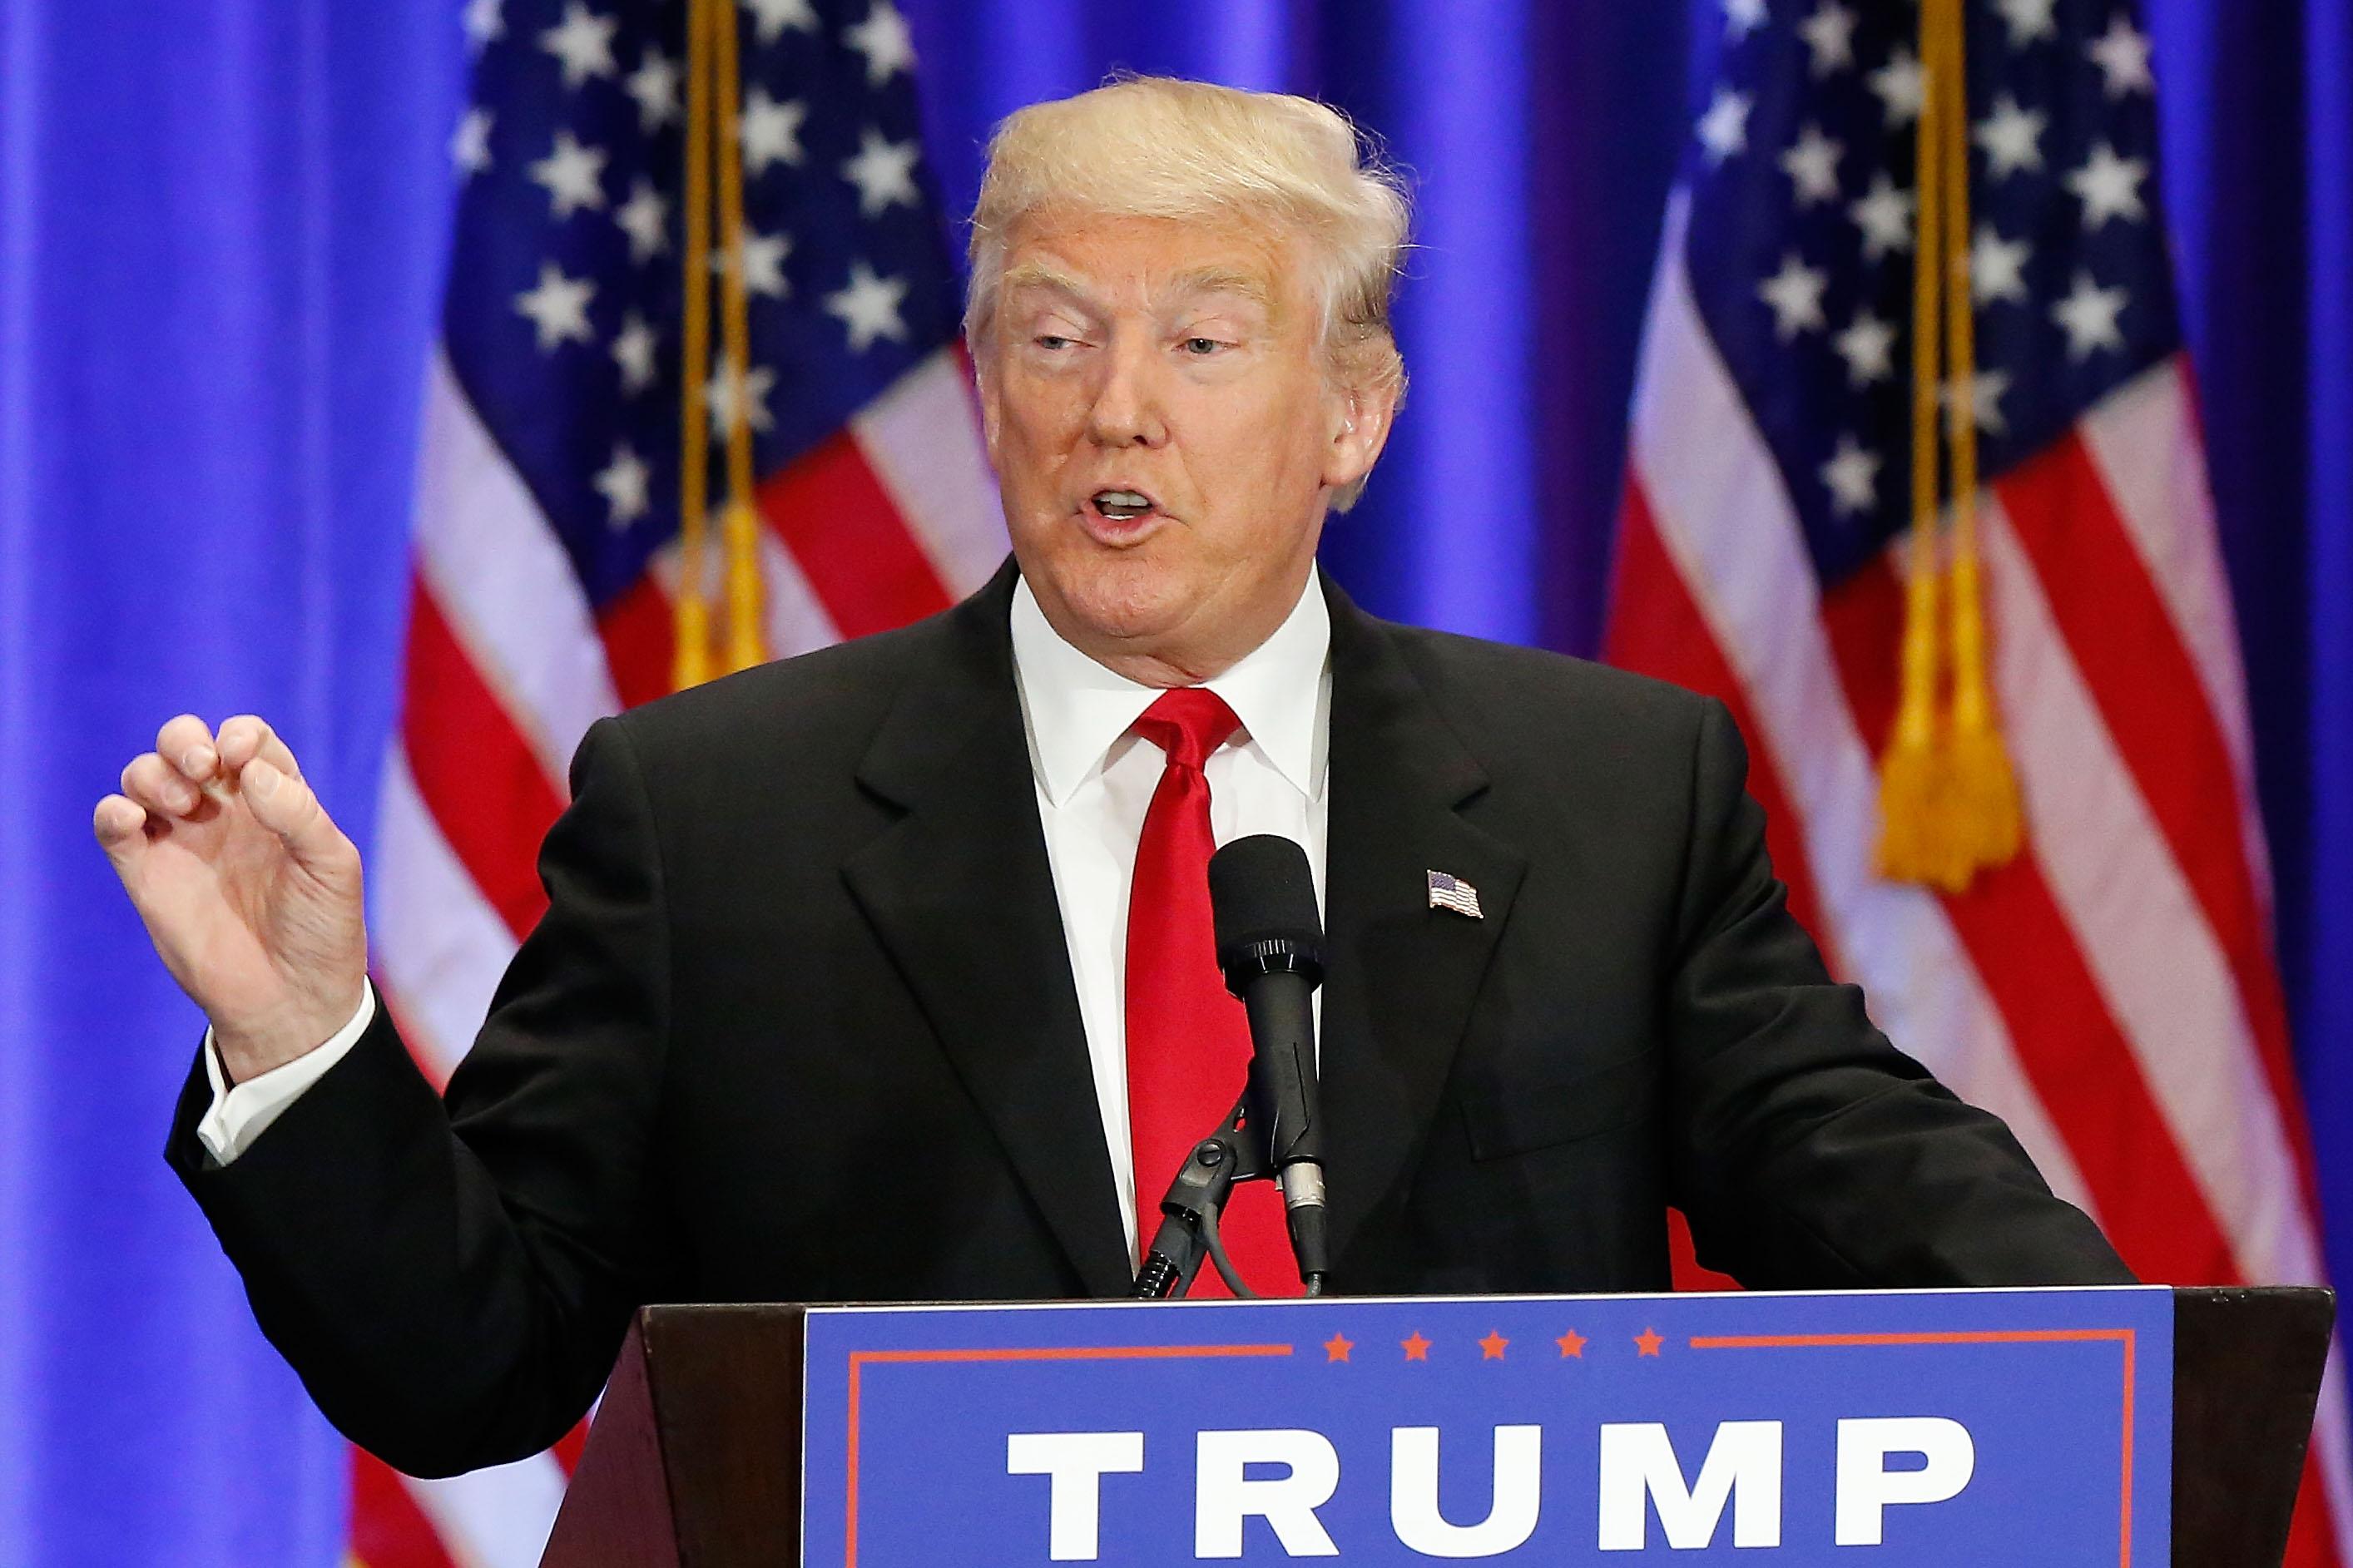 Donald Trump Speech - June 22, 2016